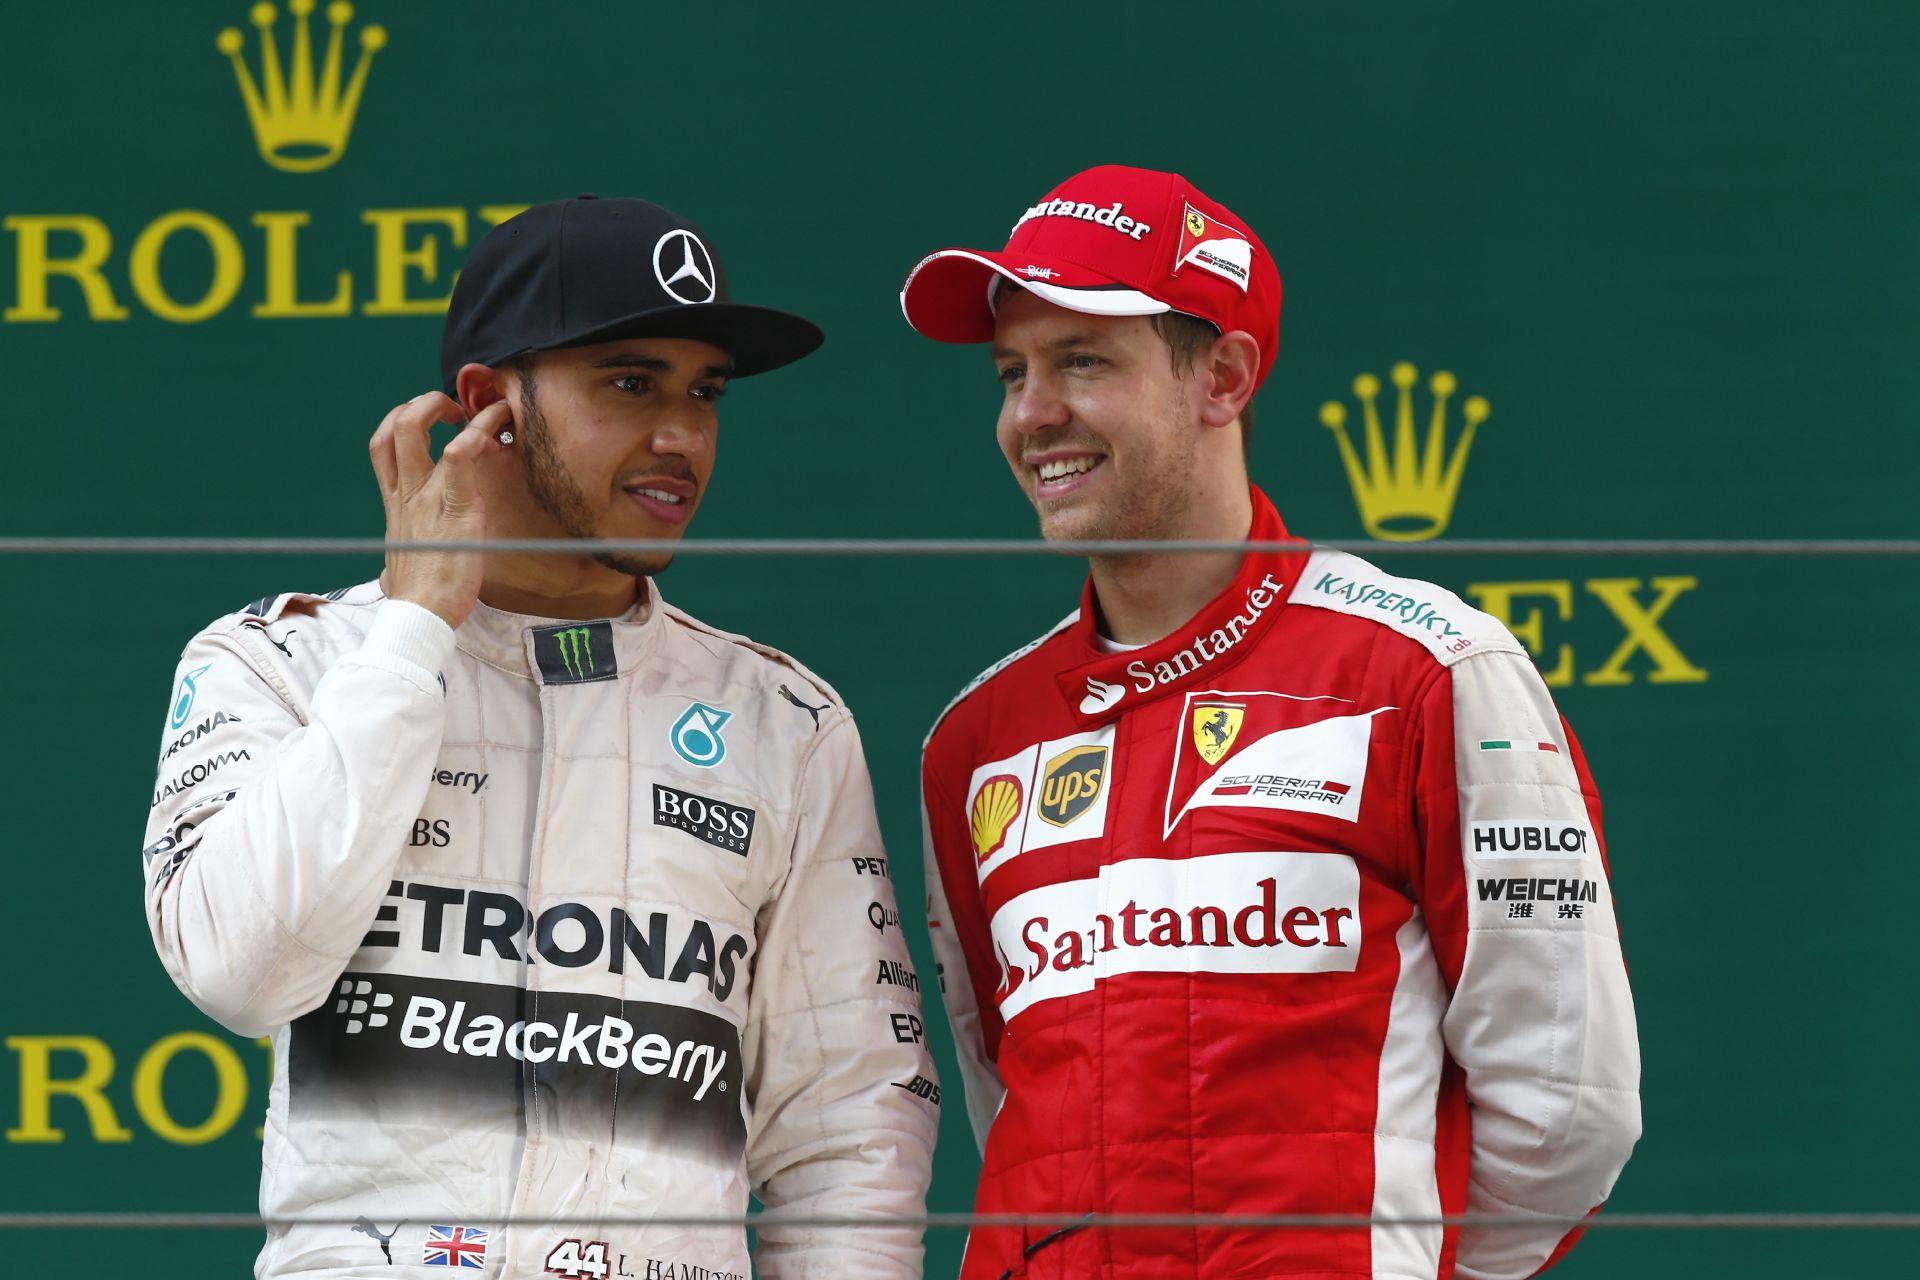 Vettel & Hamilton: Hat világbajnoki cím és hatszor olyan őszinte beszélgetés!